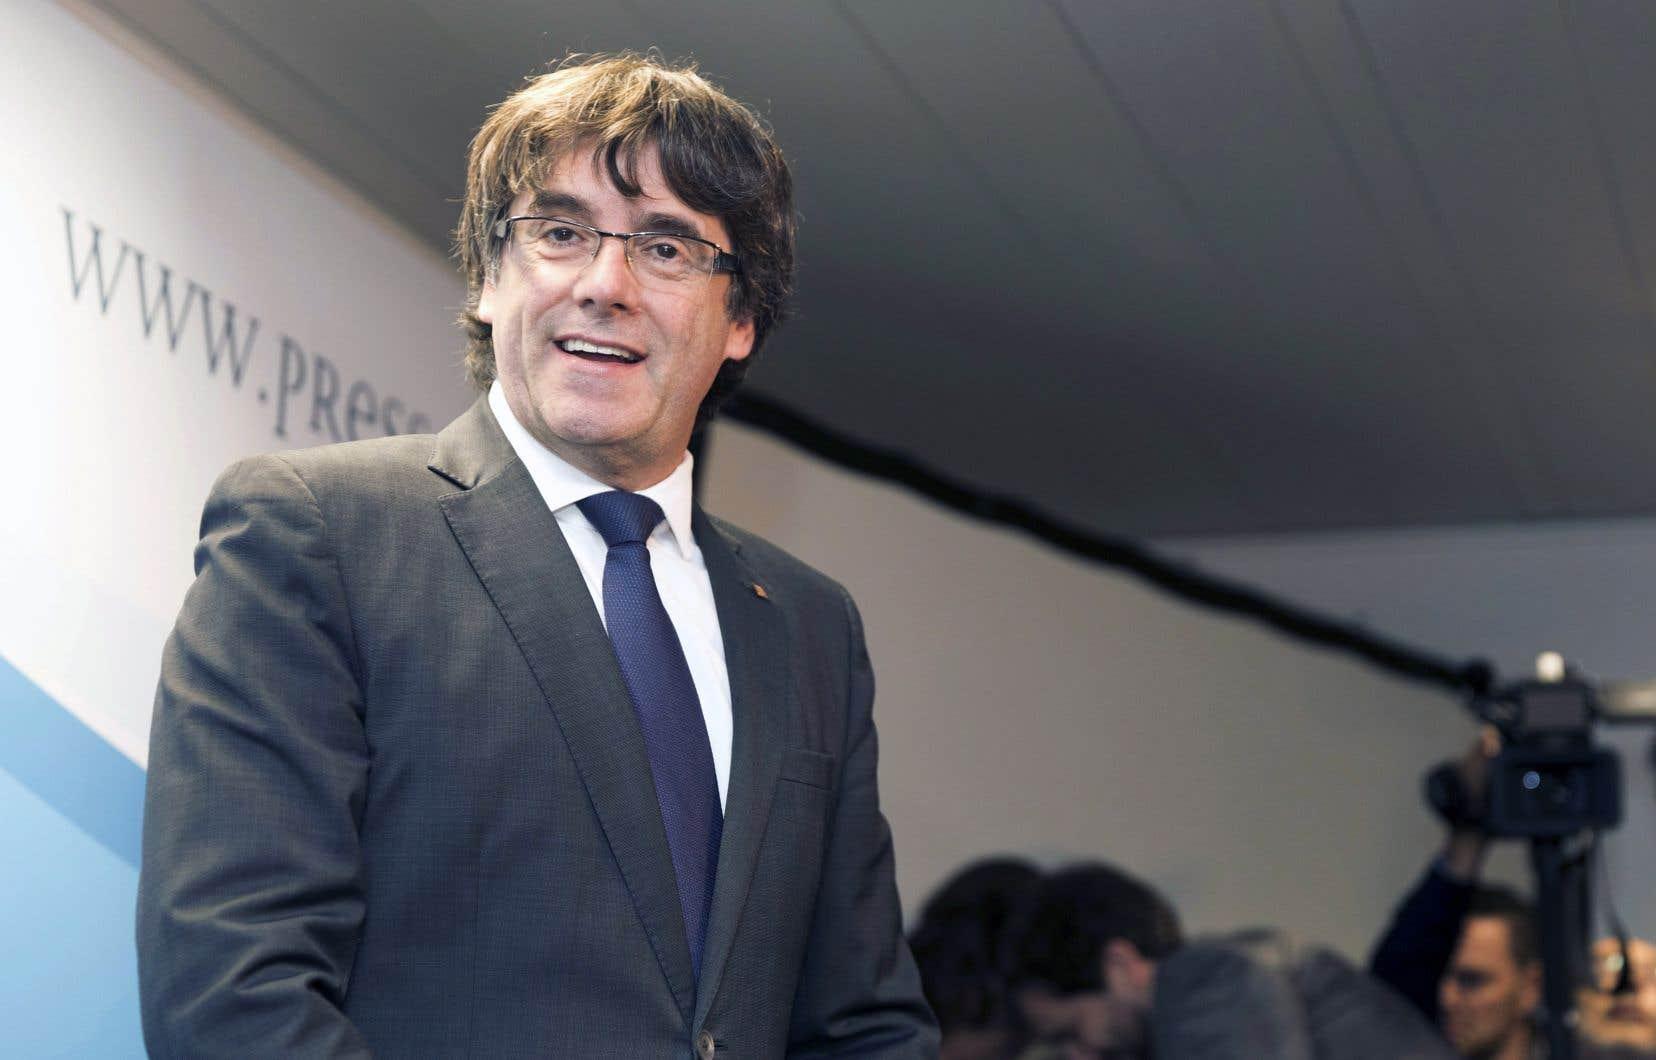 Le président de l'exécutif catalan déchu a dit vendredi qu'il n'avait pas l'intention de fuir la justice.